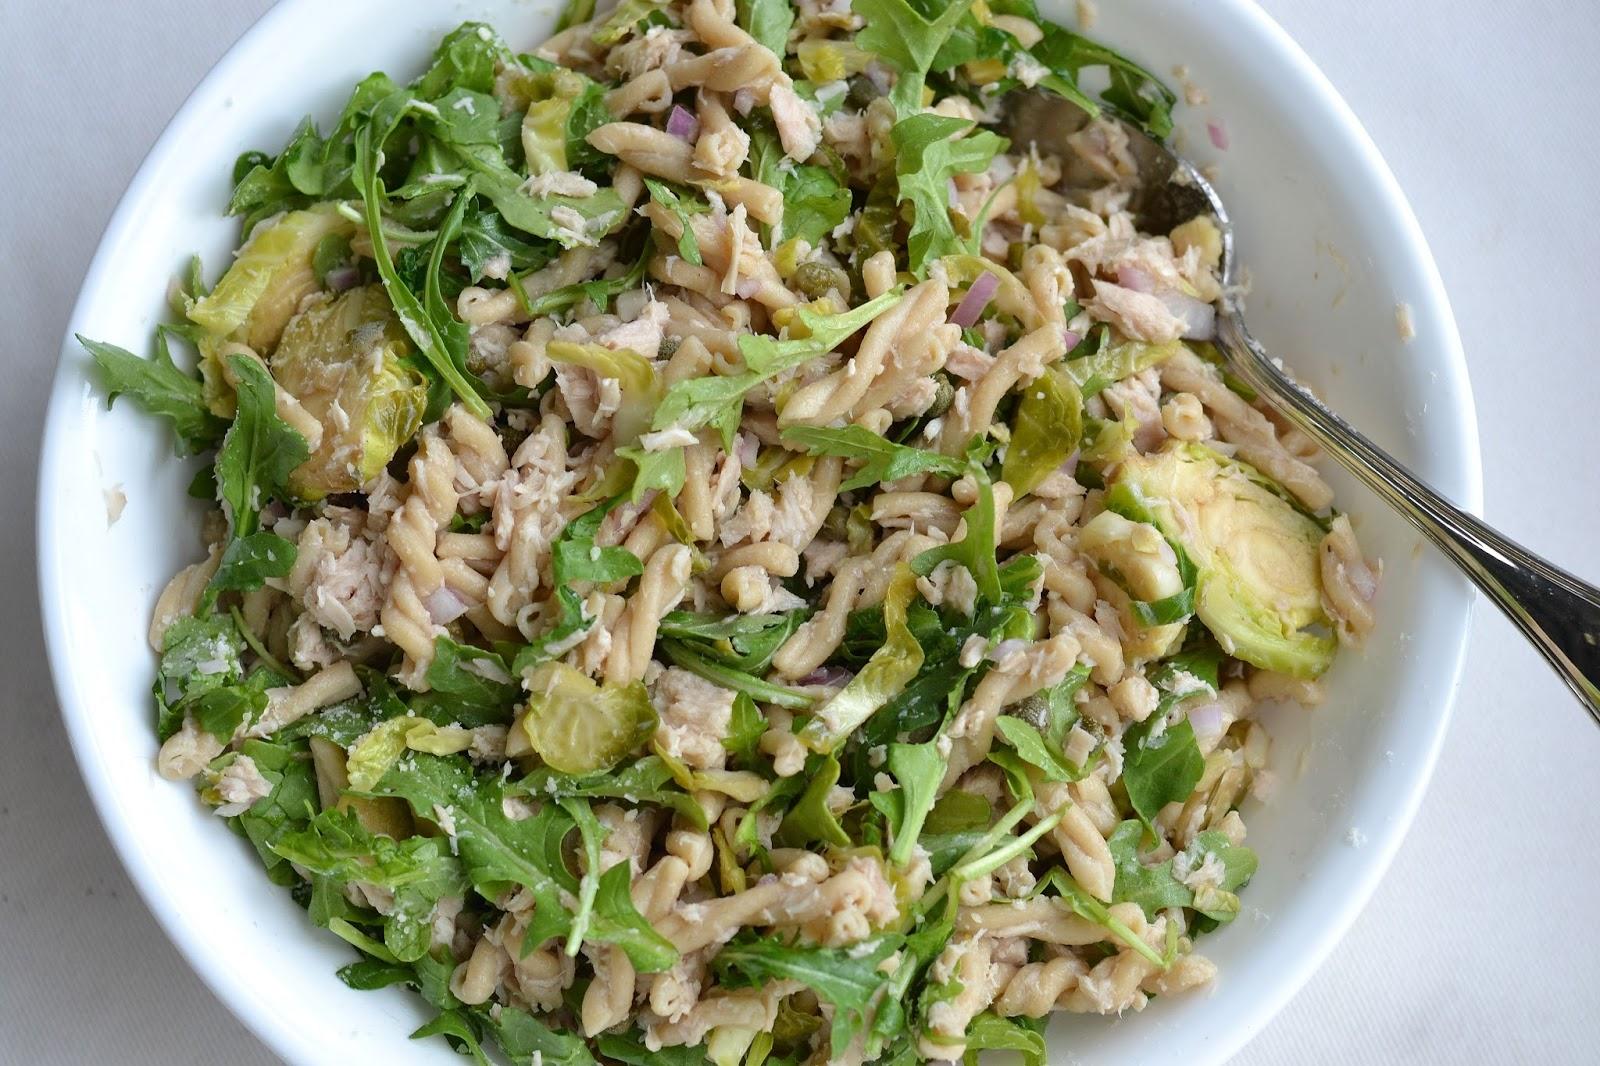 Type A Kitchen: Warm-Weather Tuna Macaroni Salad